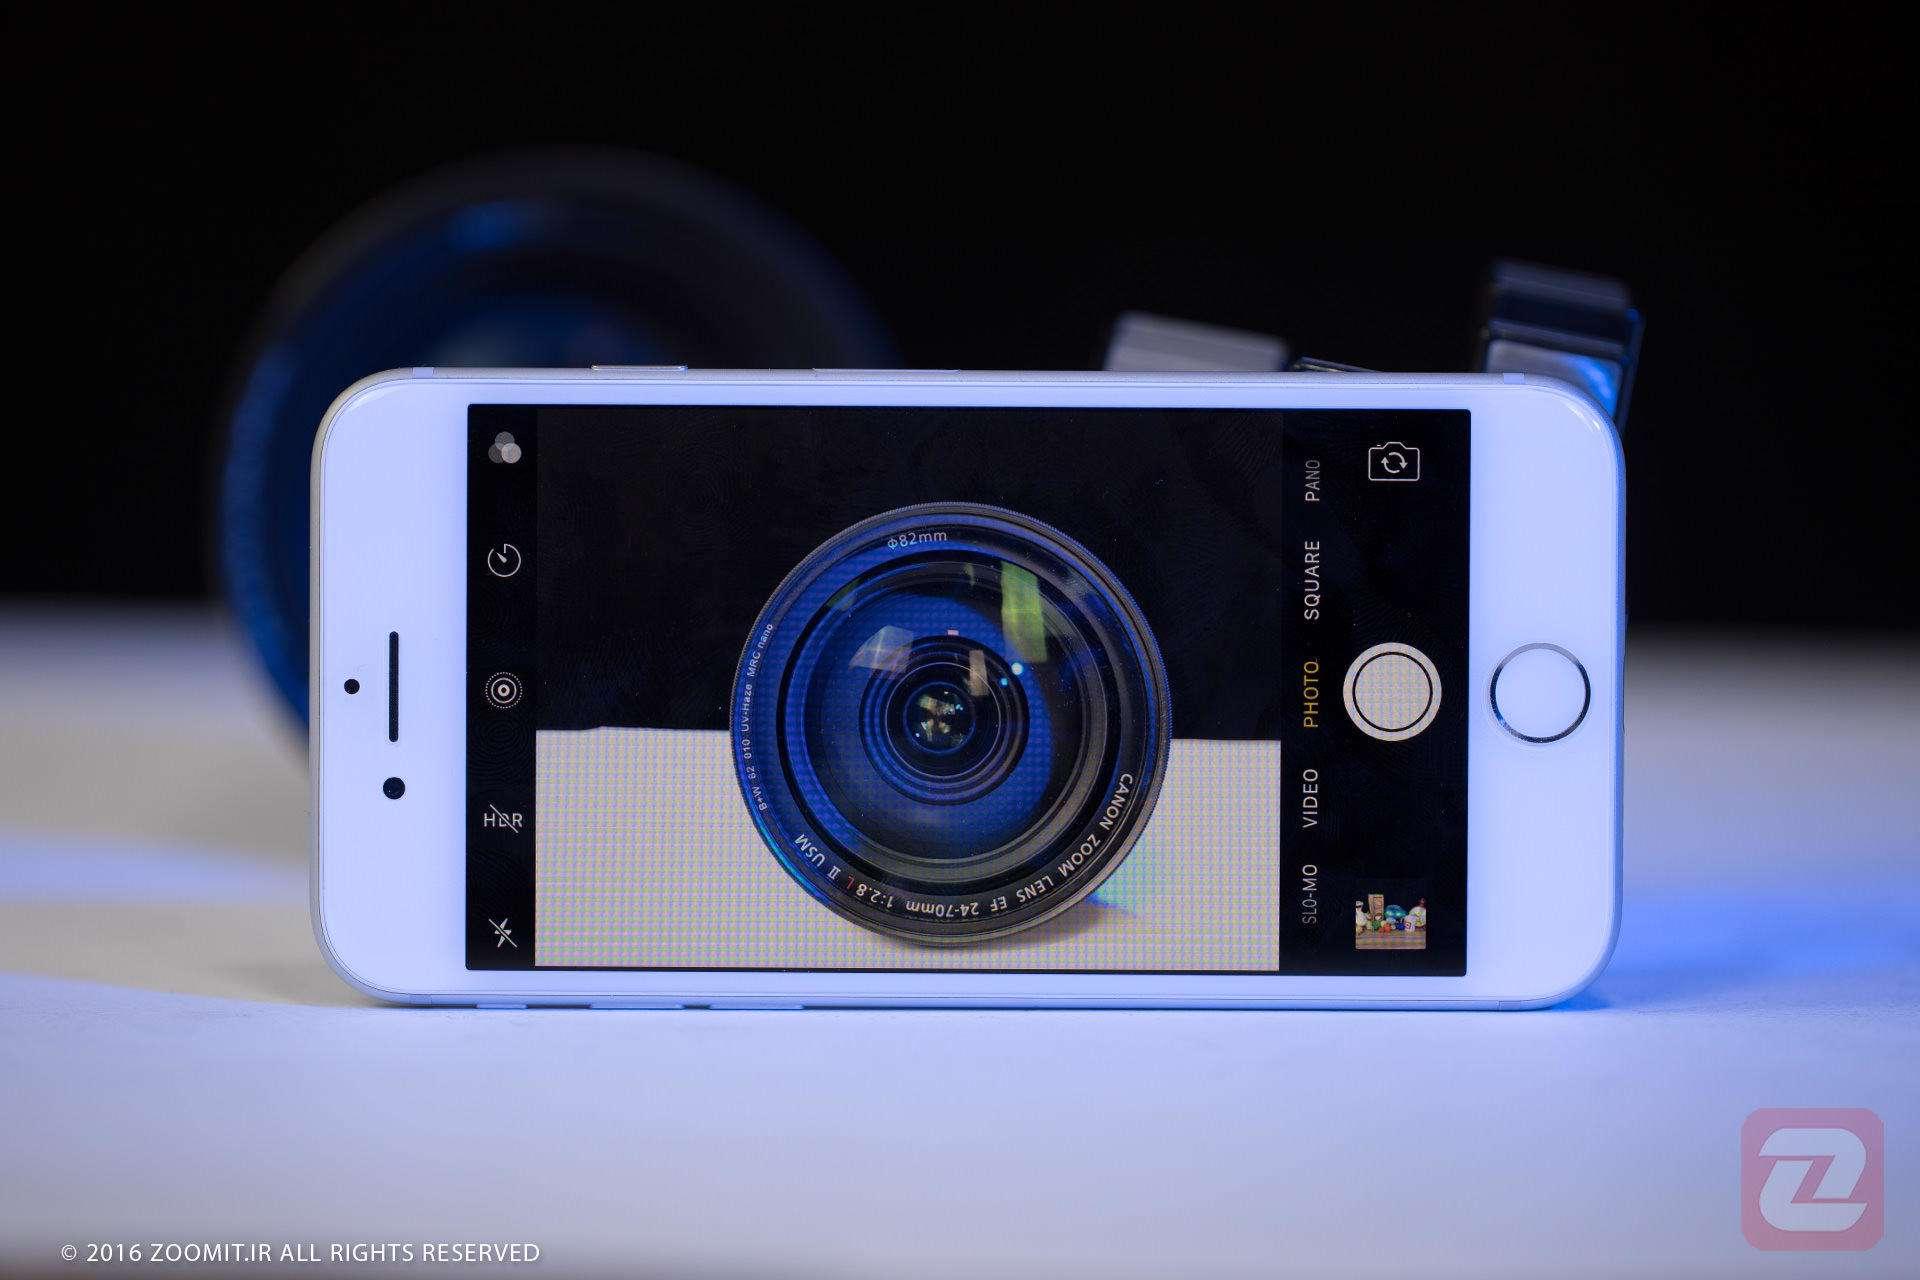 آیفون 7 با تمرکز بر عملکرد دوربین در نور کم